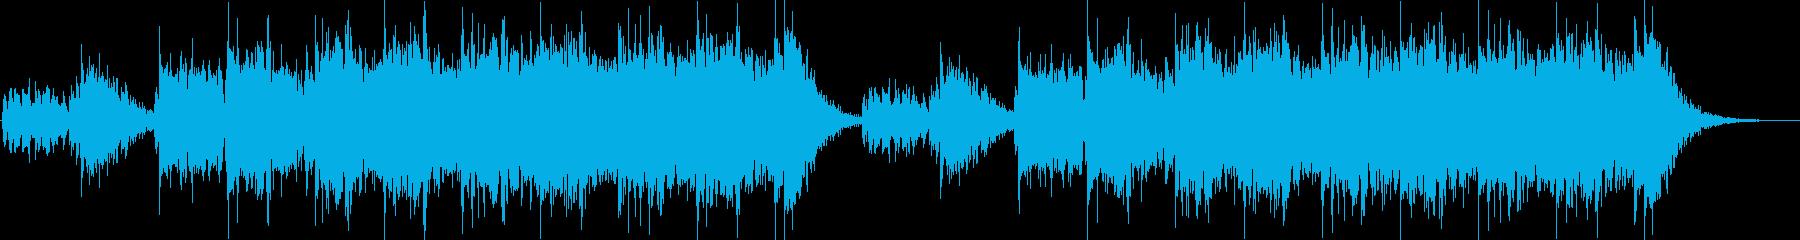 威圧的なループのフレーズの再生済みの波形